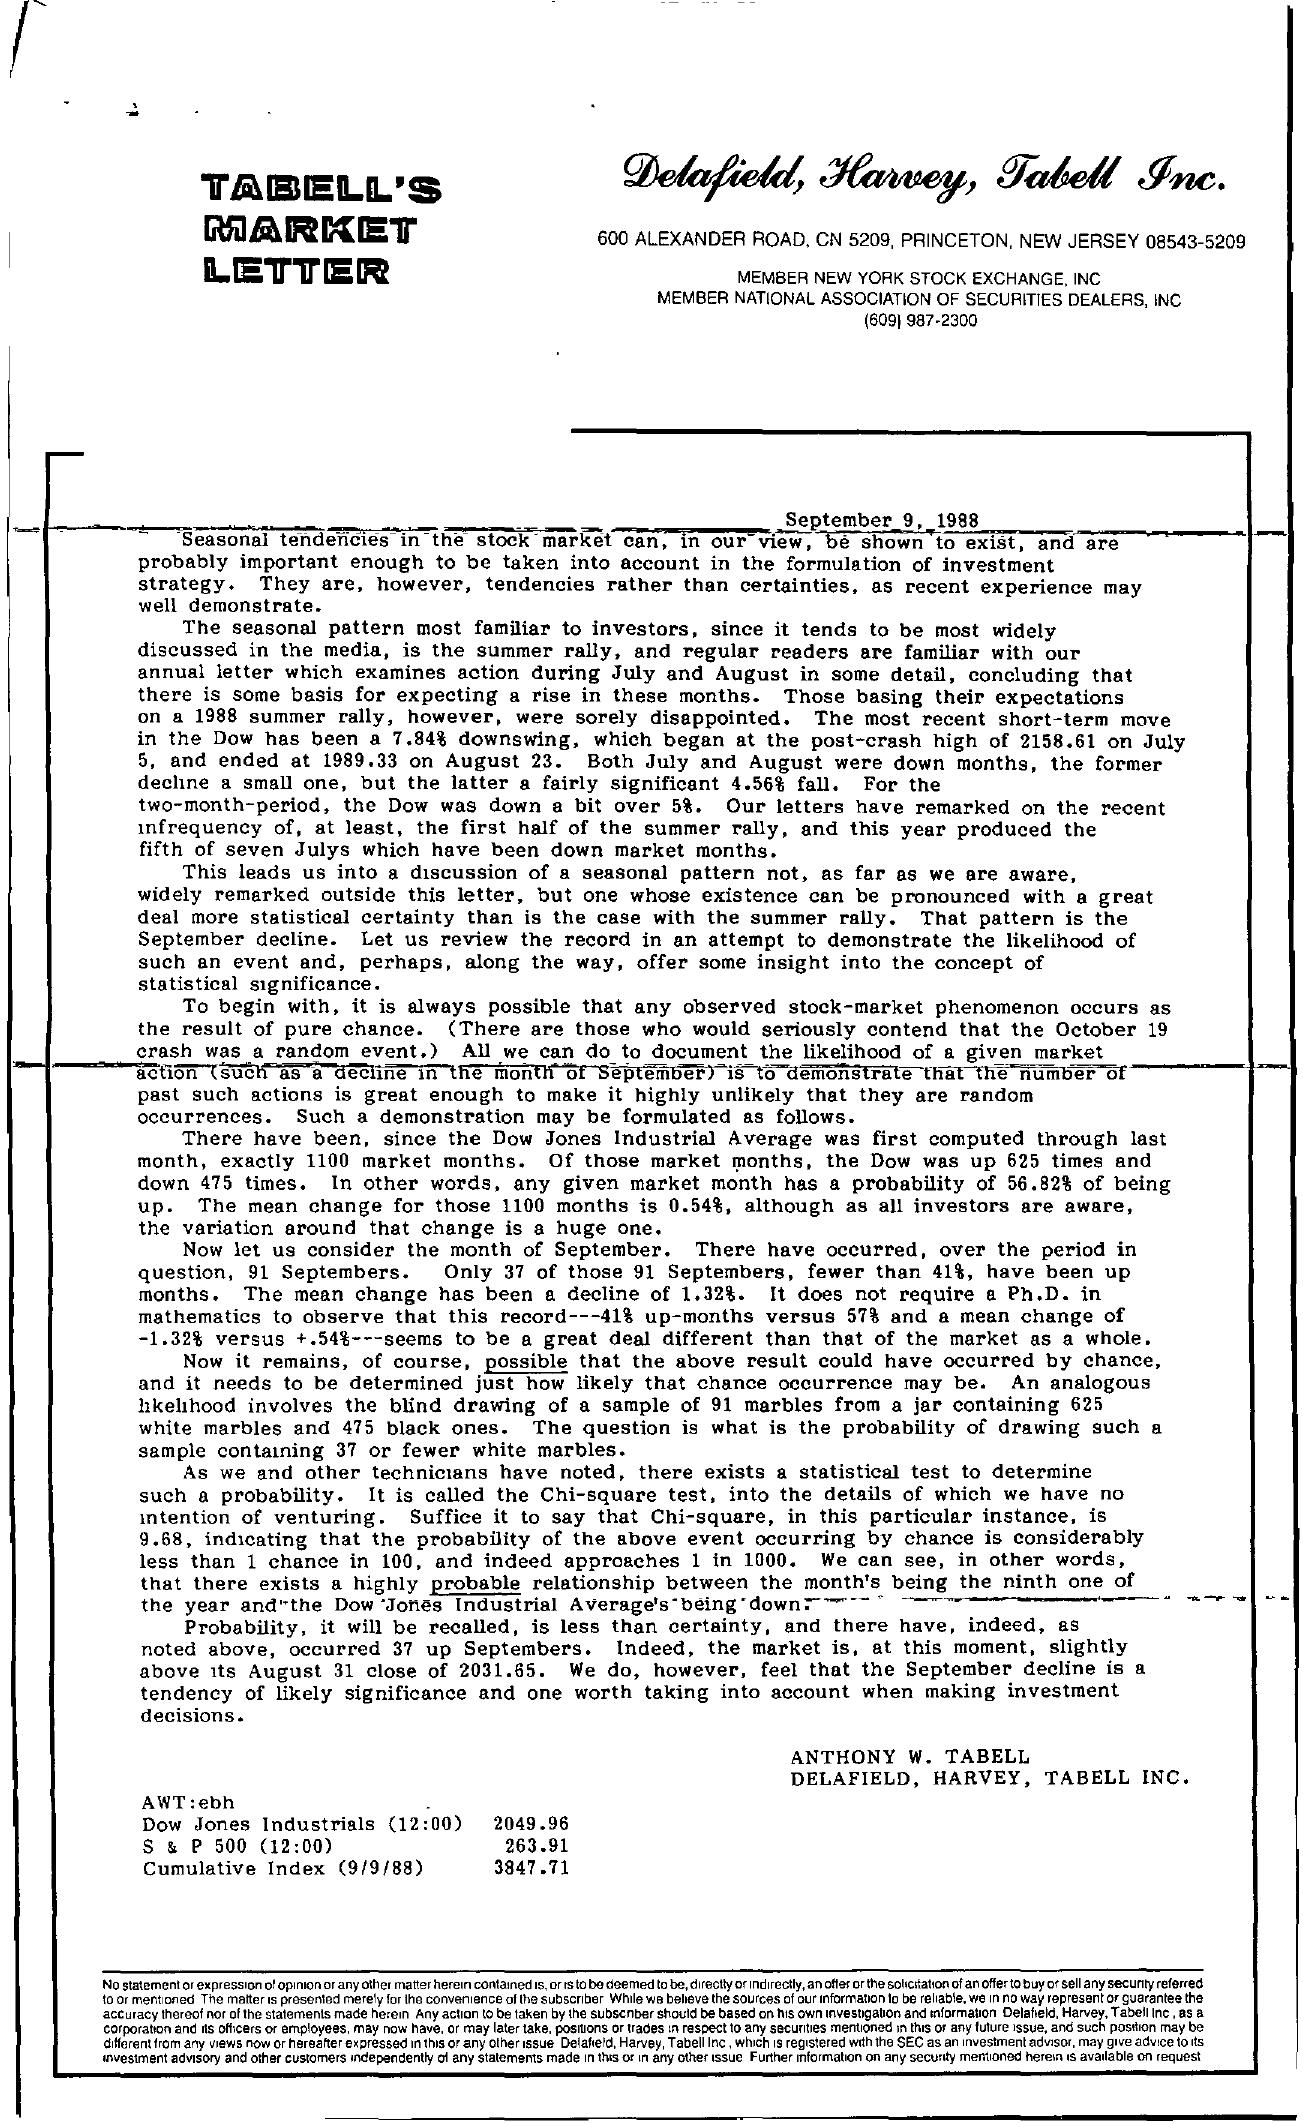 Tabell's Market Letter - September 09, 1988